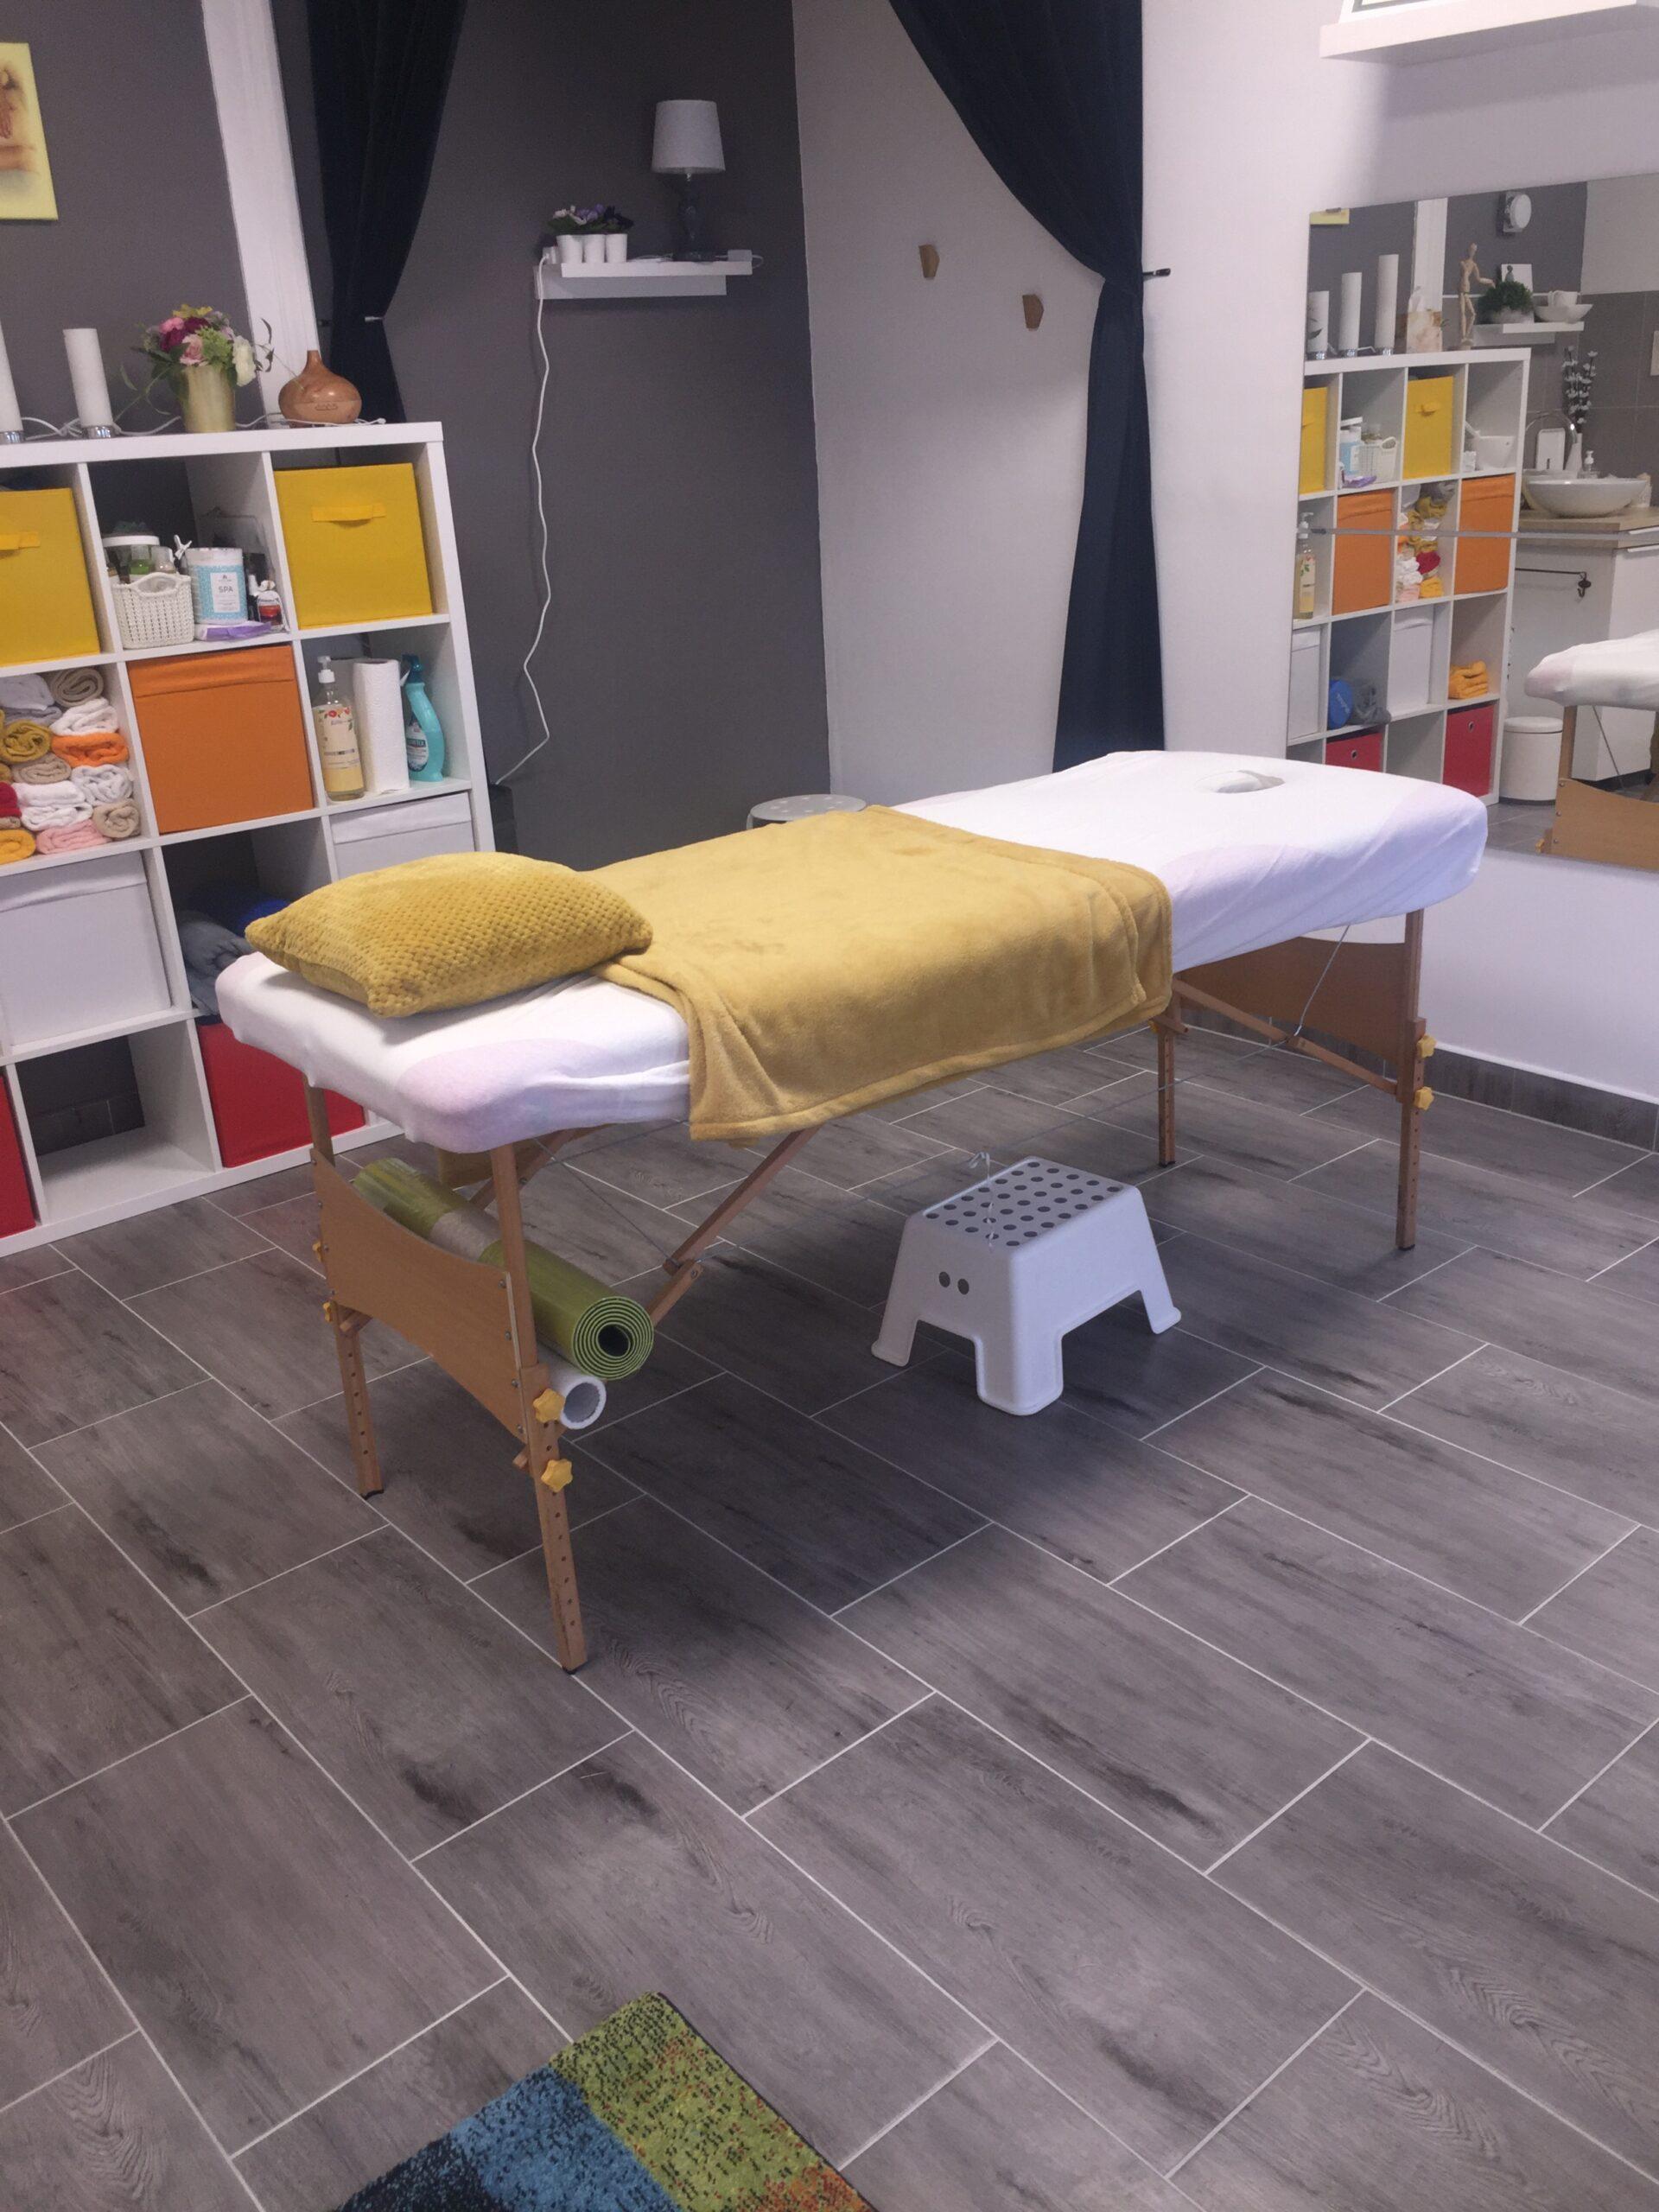 Lendület Studió Gödöllő kezelő szoba 7